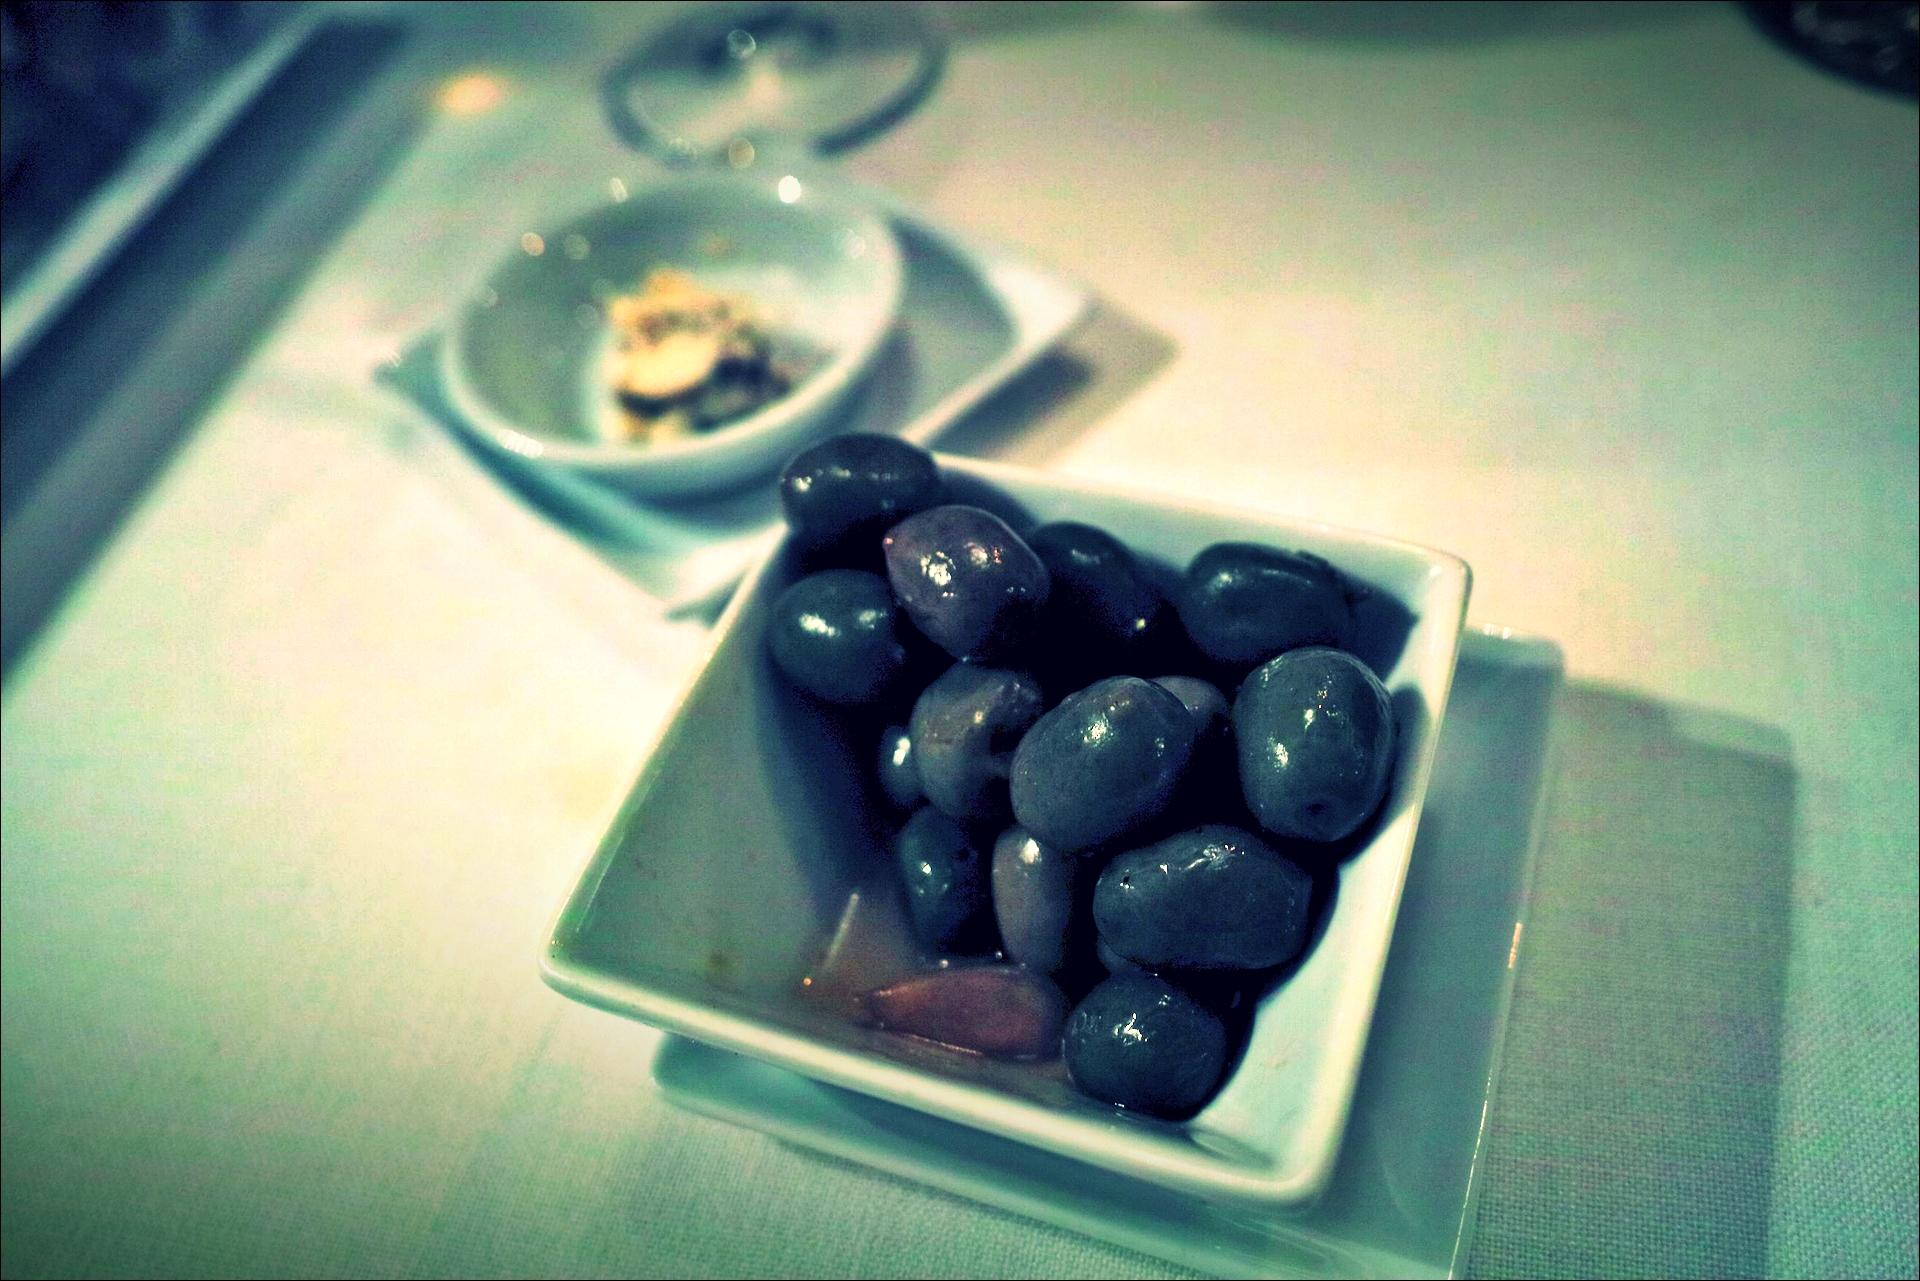 올리브-'자카란다 레스토랑, 산탄데르(Restaurante Jacaranda, Santander)'